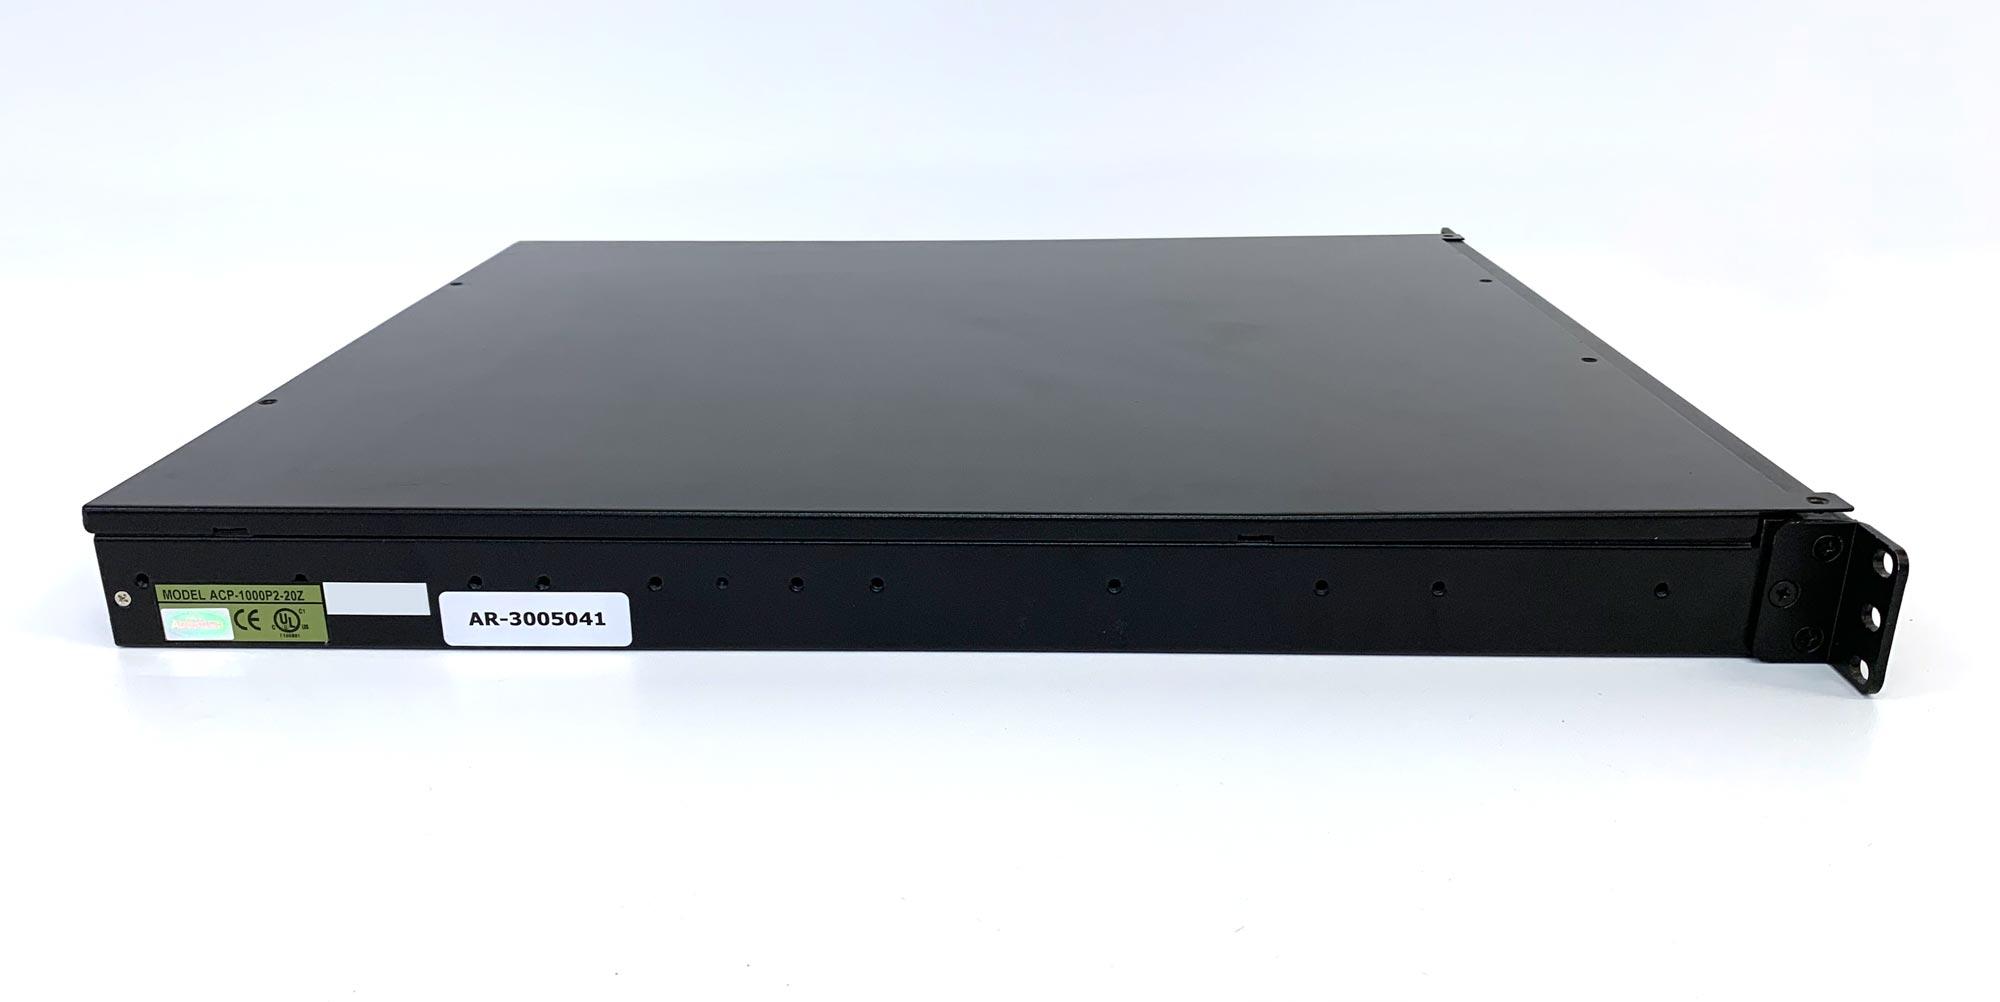 ACP-1000 - 1HE Industrie PC Gehäuse